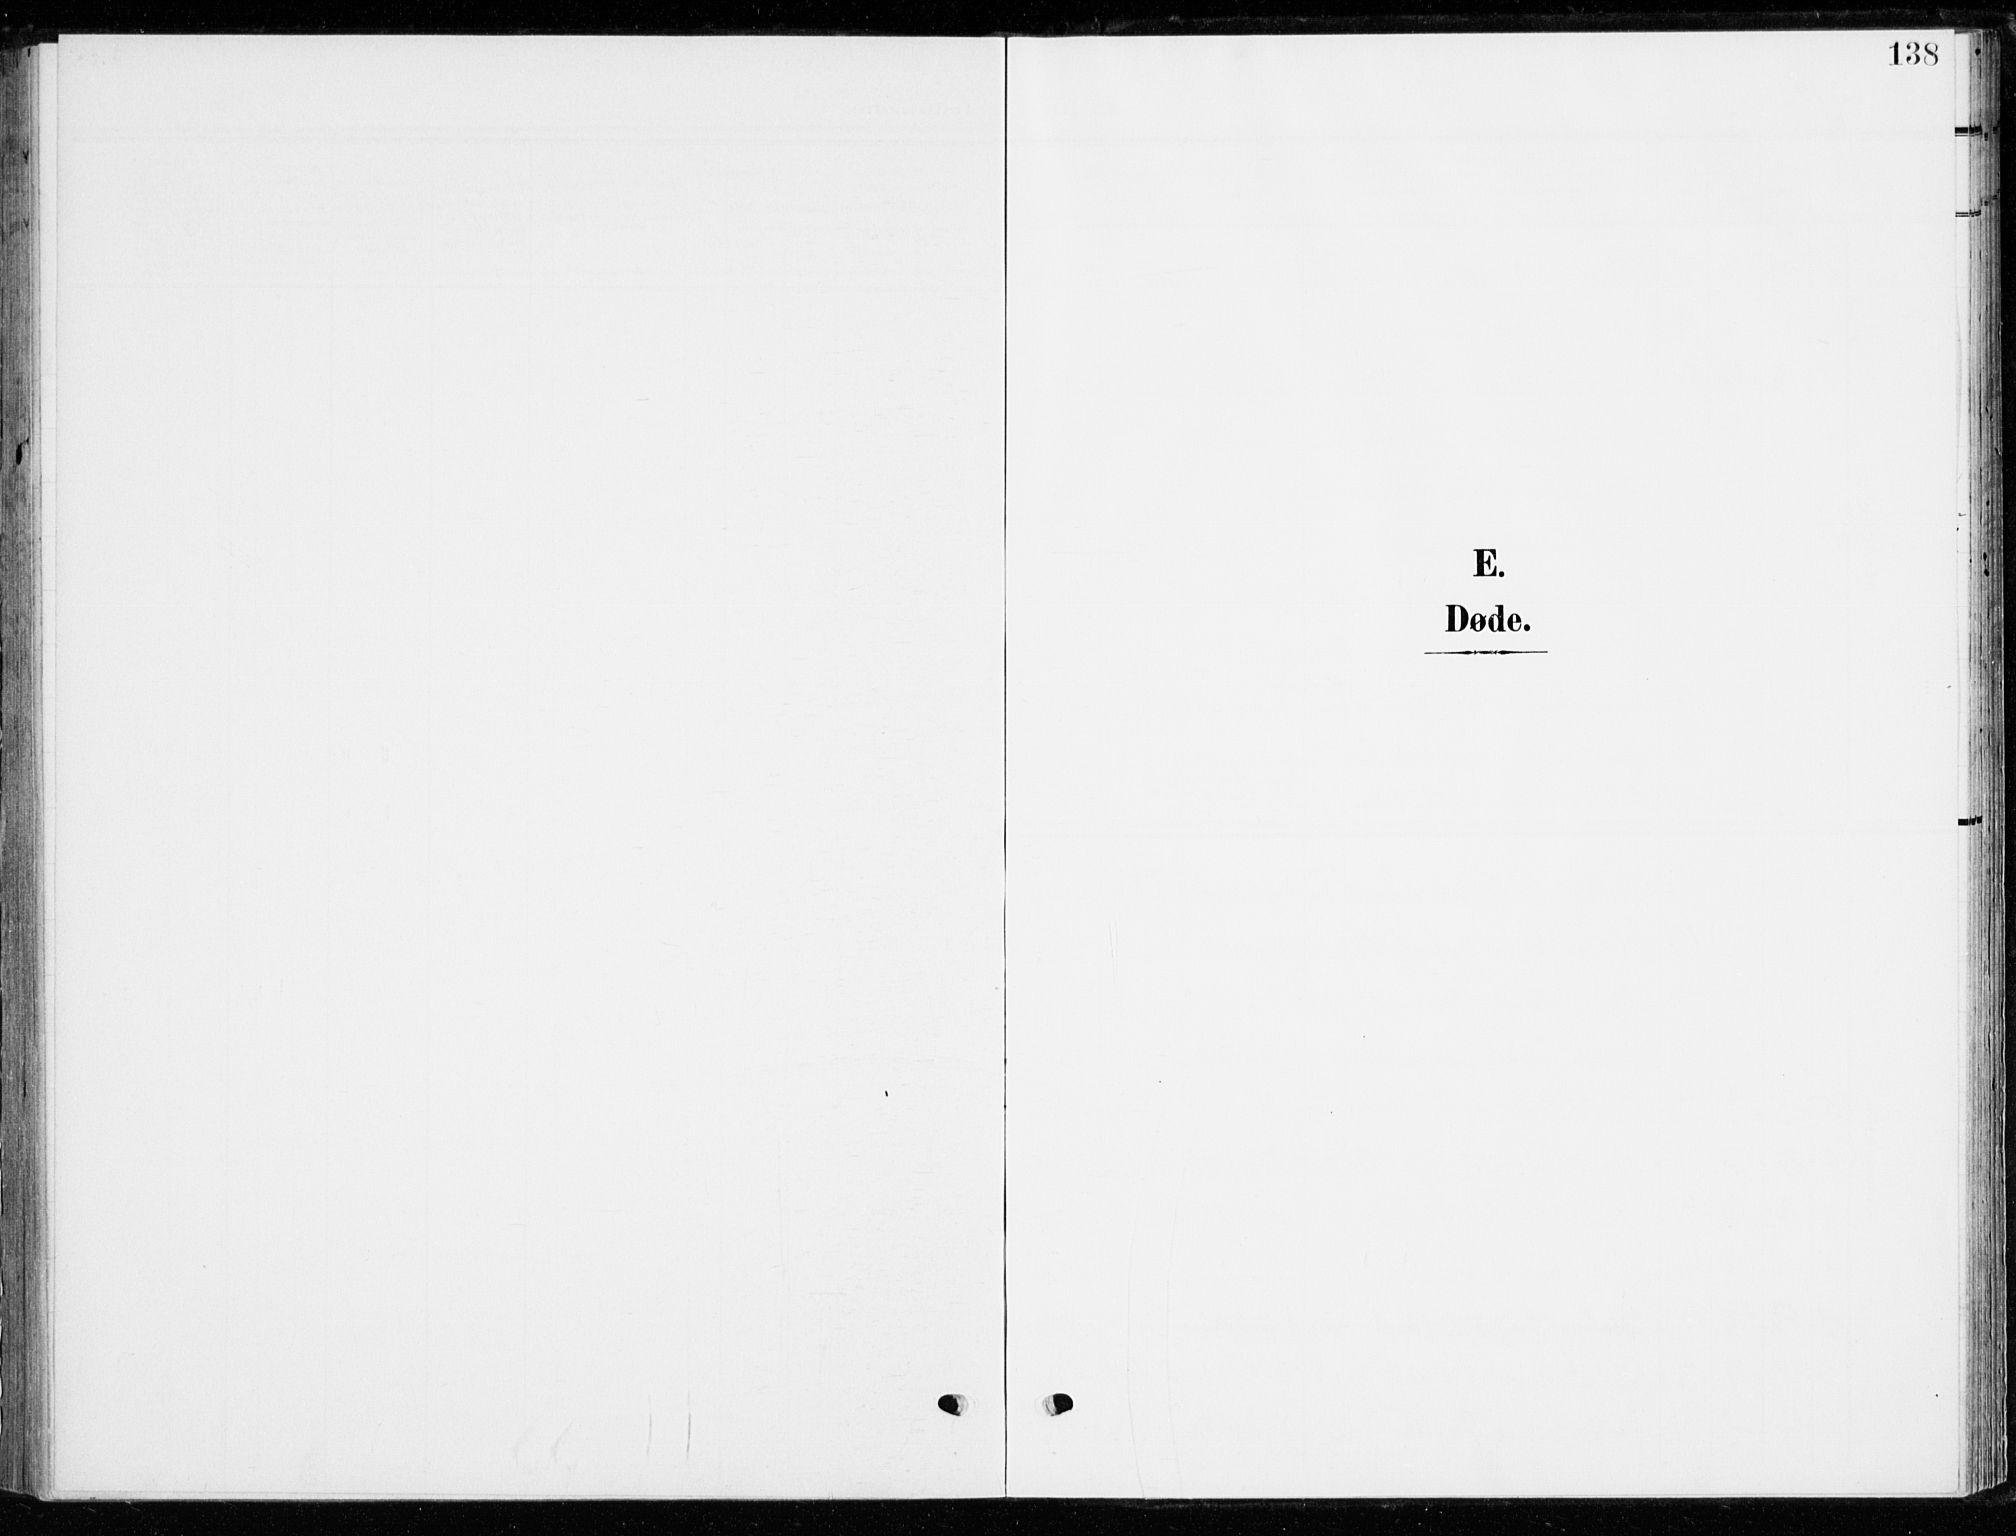 SAH, Ringsaker prestekontor, K/Ka/L0021: Ministerialbok nr. 21, 1905-1920, s. 138